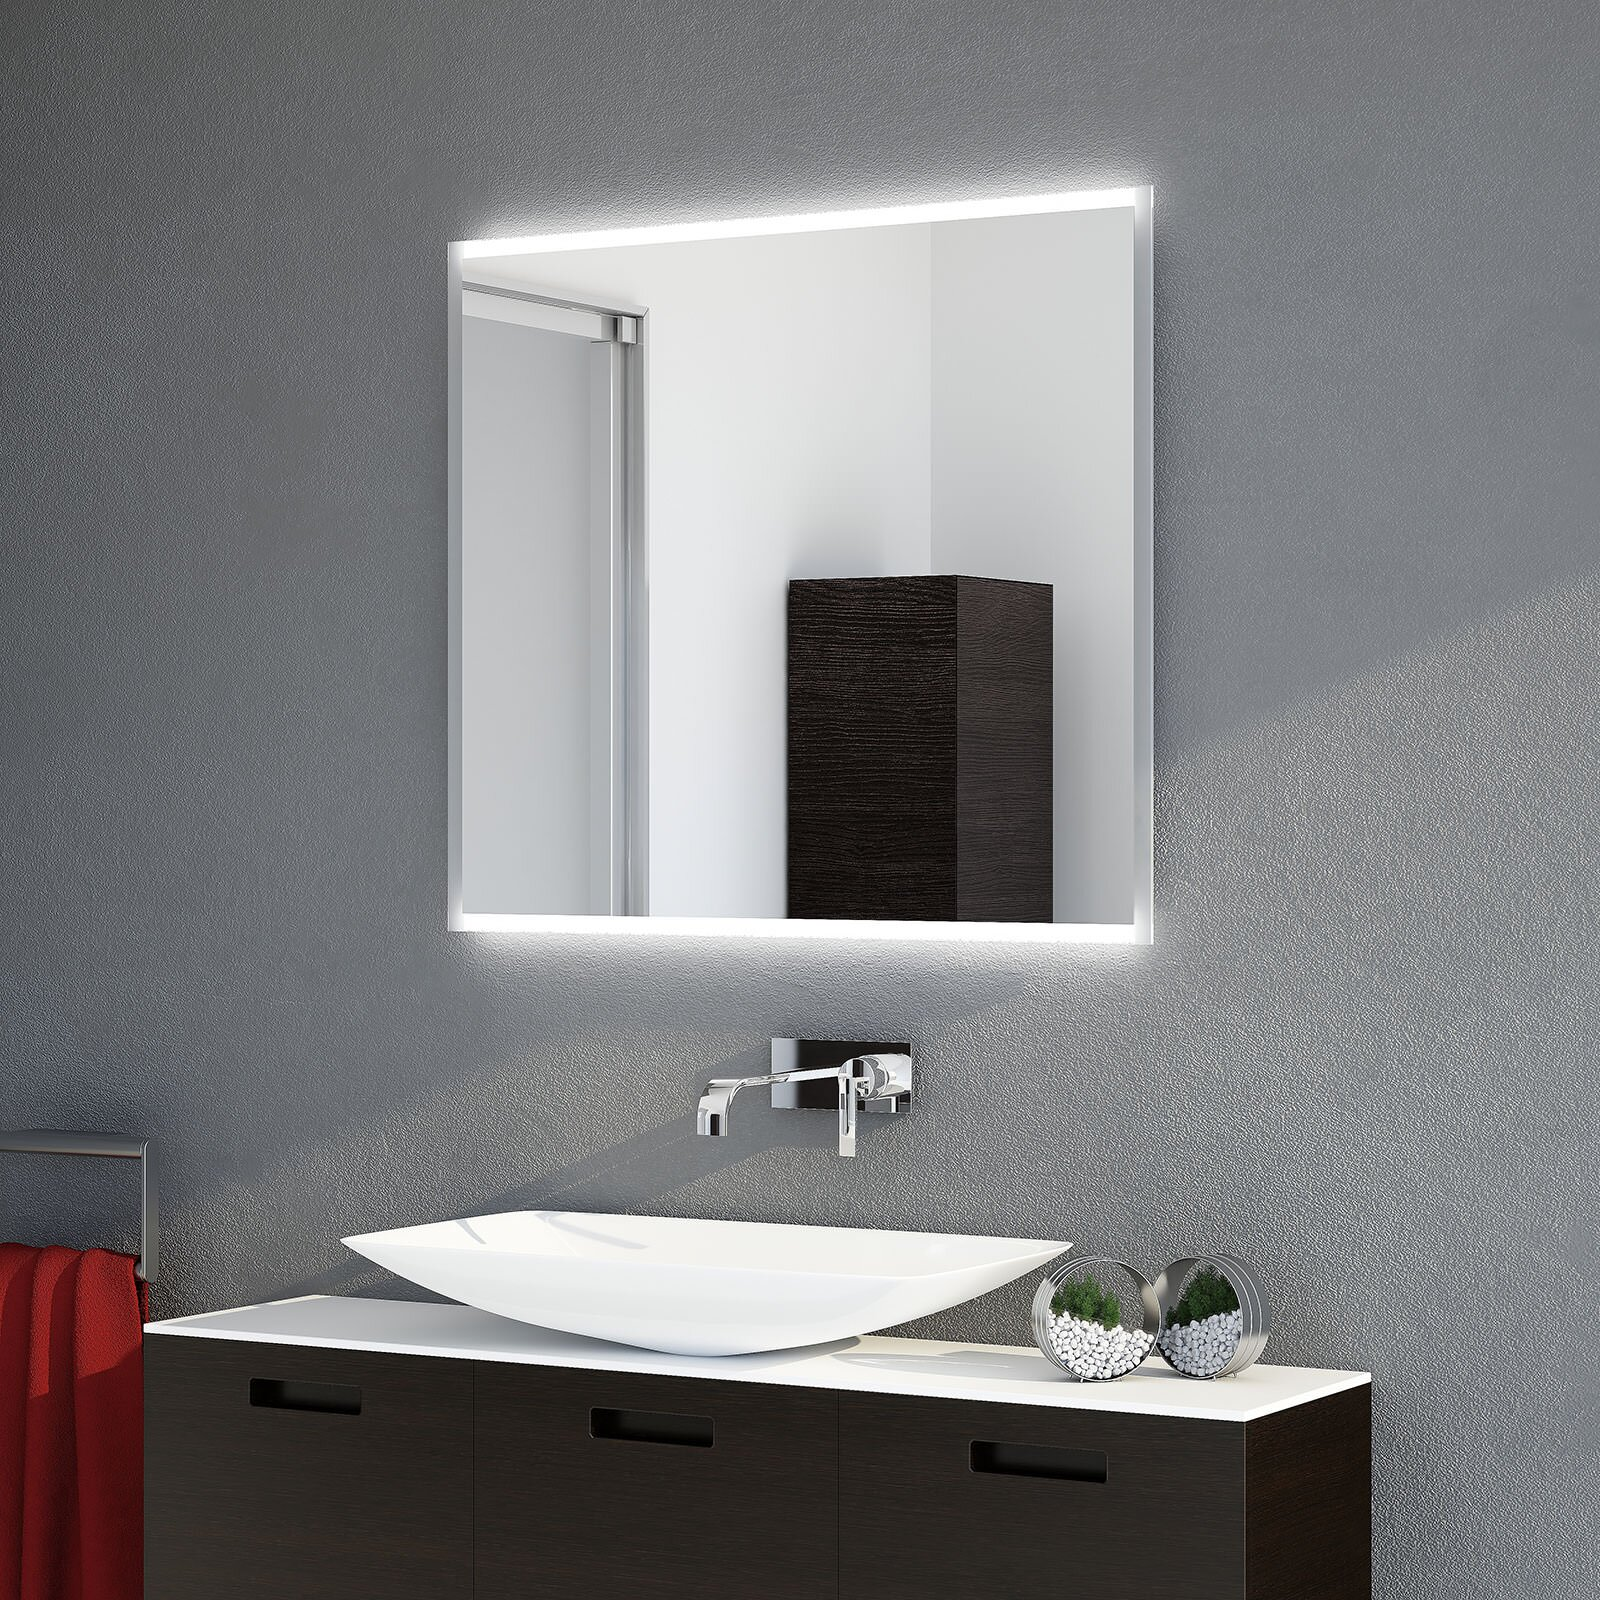 badspiegel frame td beleuchtet sofort lieferbar. Black Bedroom Furniture Sets. Home Design Ideas